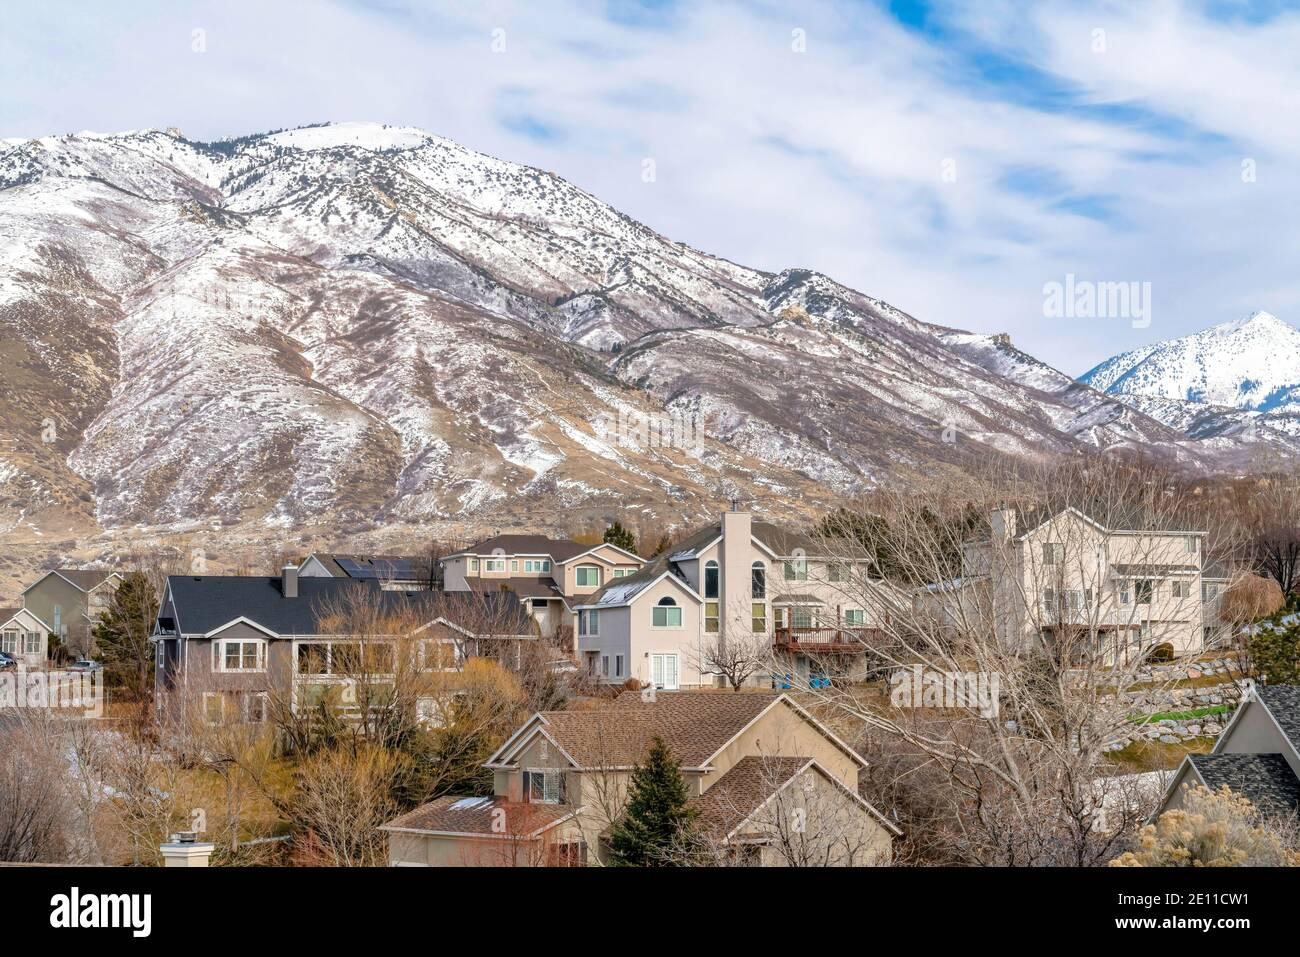 Montaña nevada y casas en un paisaje de barrio del Valle de Utah en invierno Foto de stock